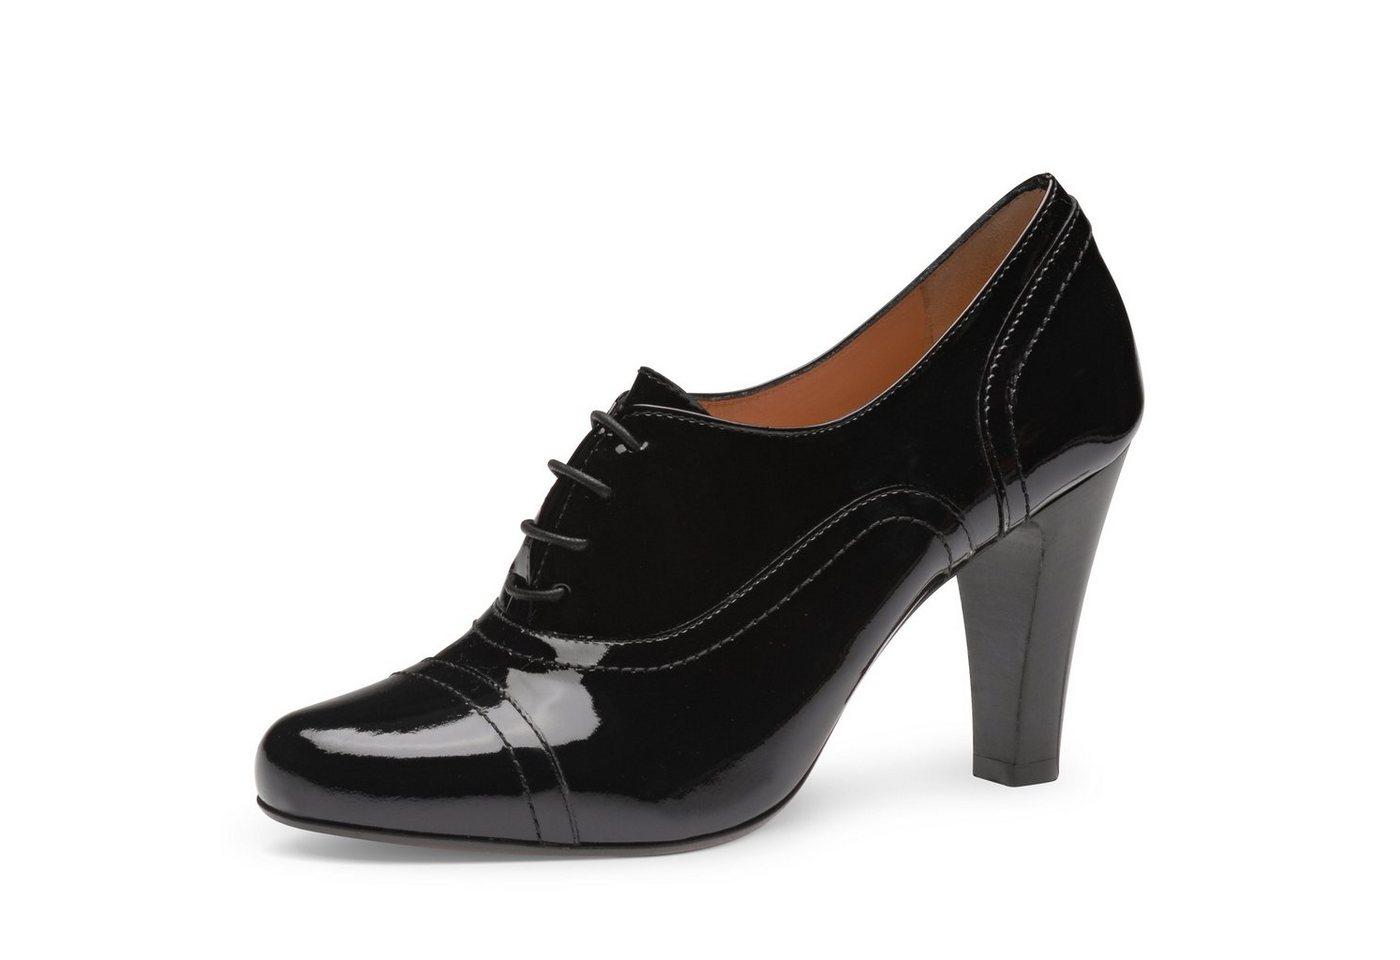 Evita »MARIA« Schnürpumps   Schuhe > Pumps > Schnürpumps   Schwarz   Evita